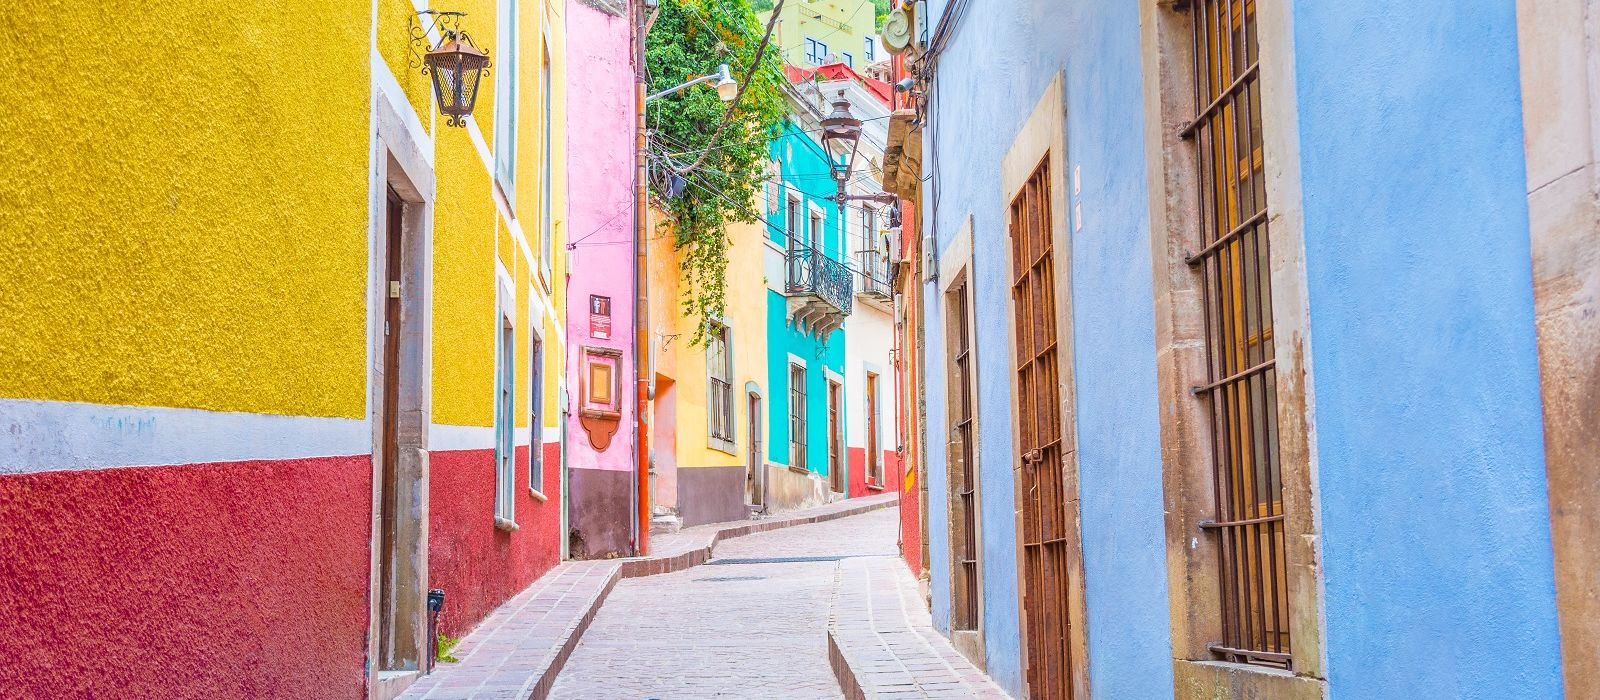 Grand of Mexico Tour Trip 1